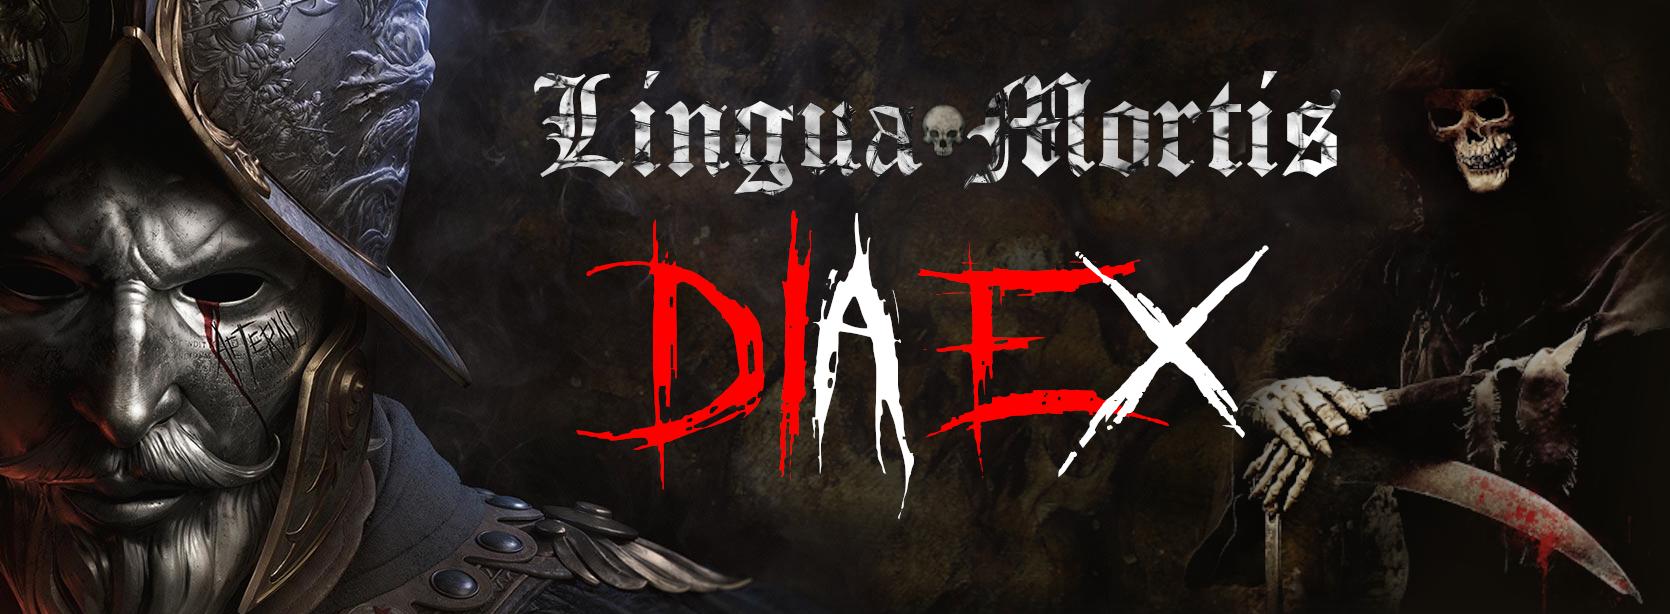 LM_DiaExForum2.png